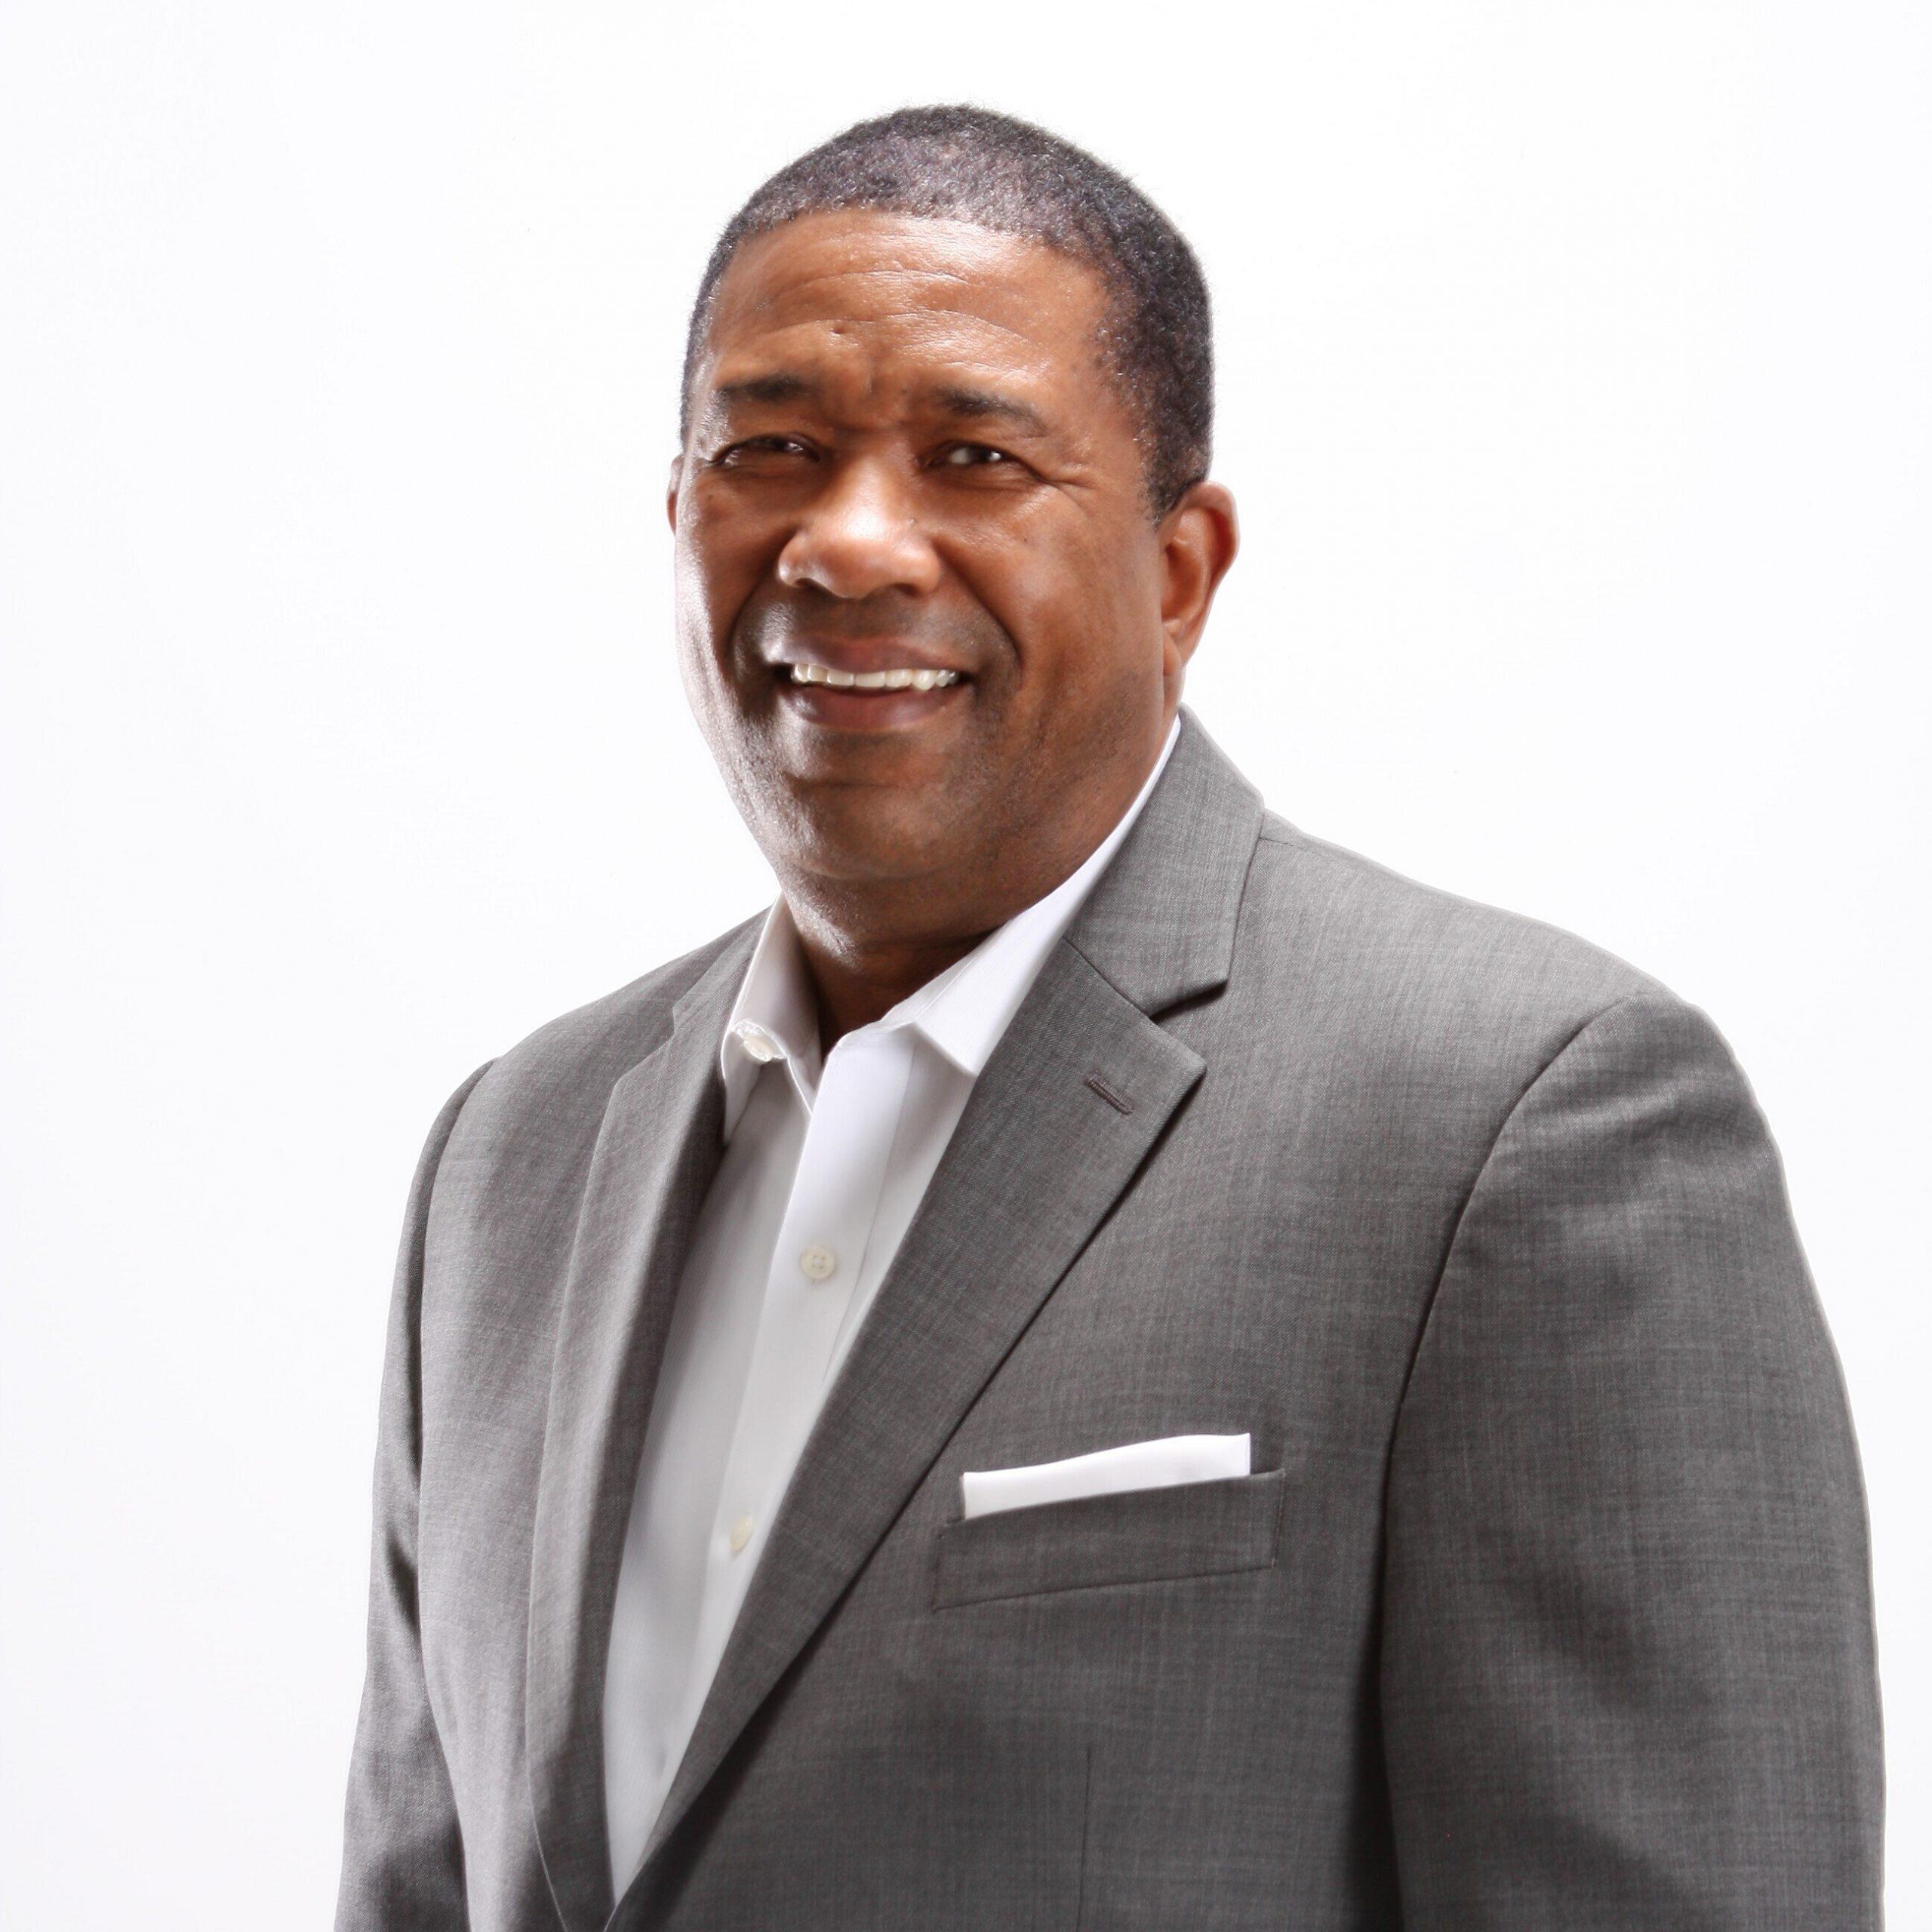 Kevin L. Jackson Portrait